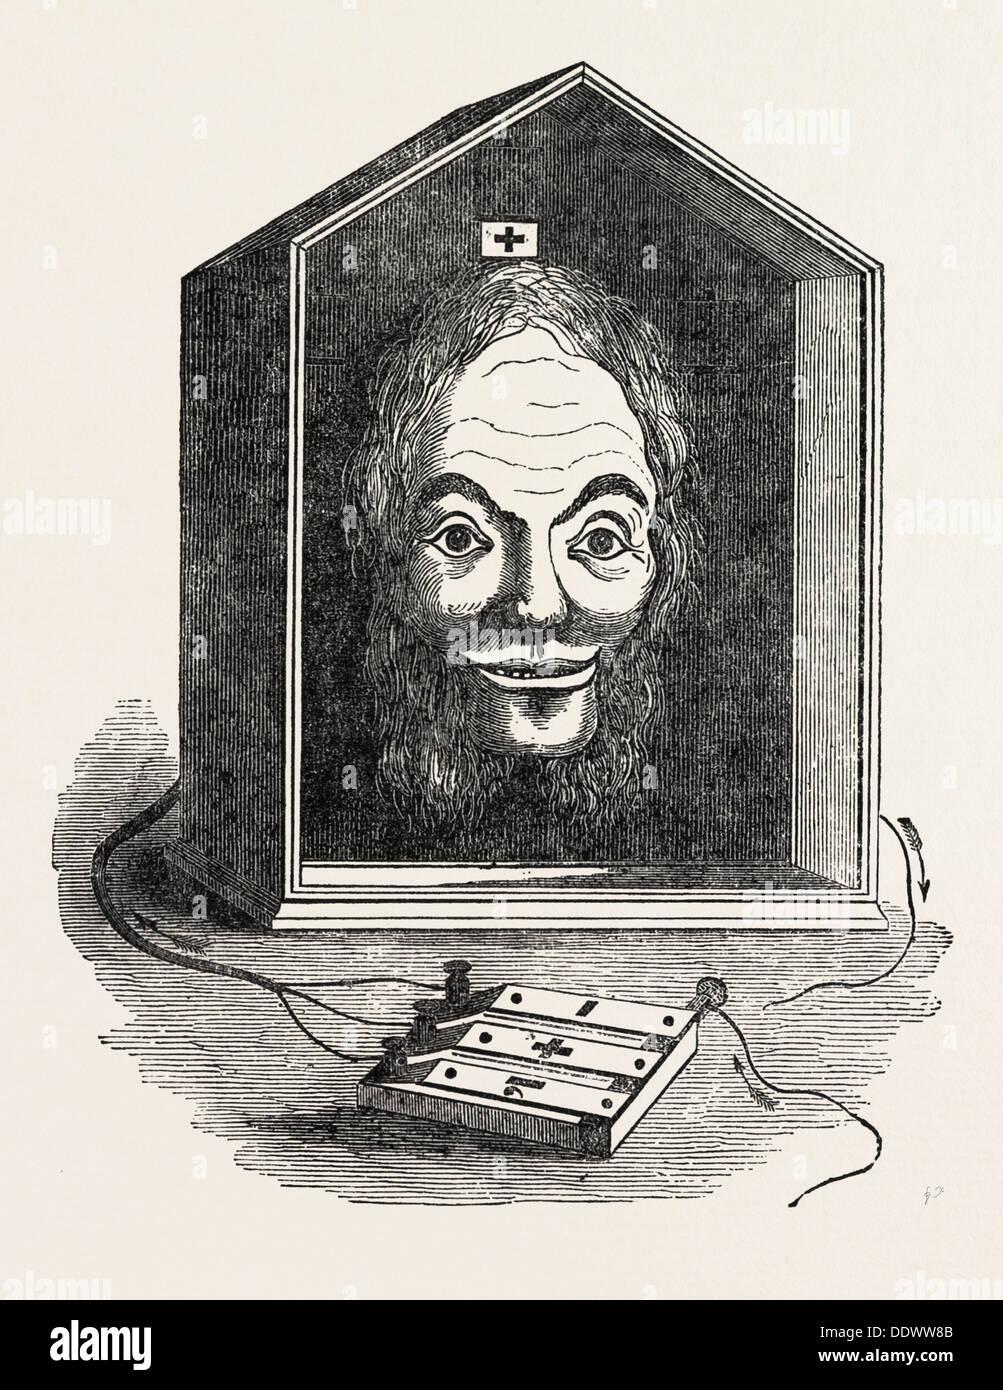 COMIC-ELEKTRISCHEN TELEGRAFEN DURCH G.R SMITH Stockbild